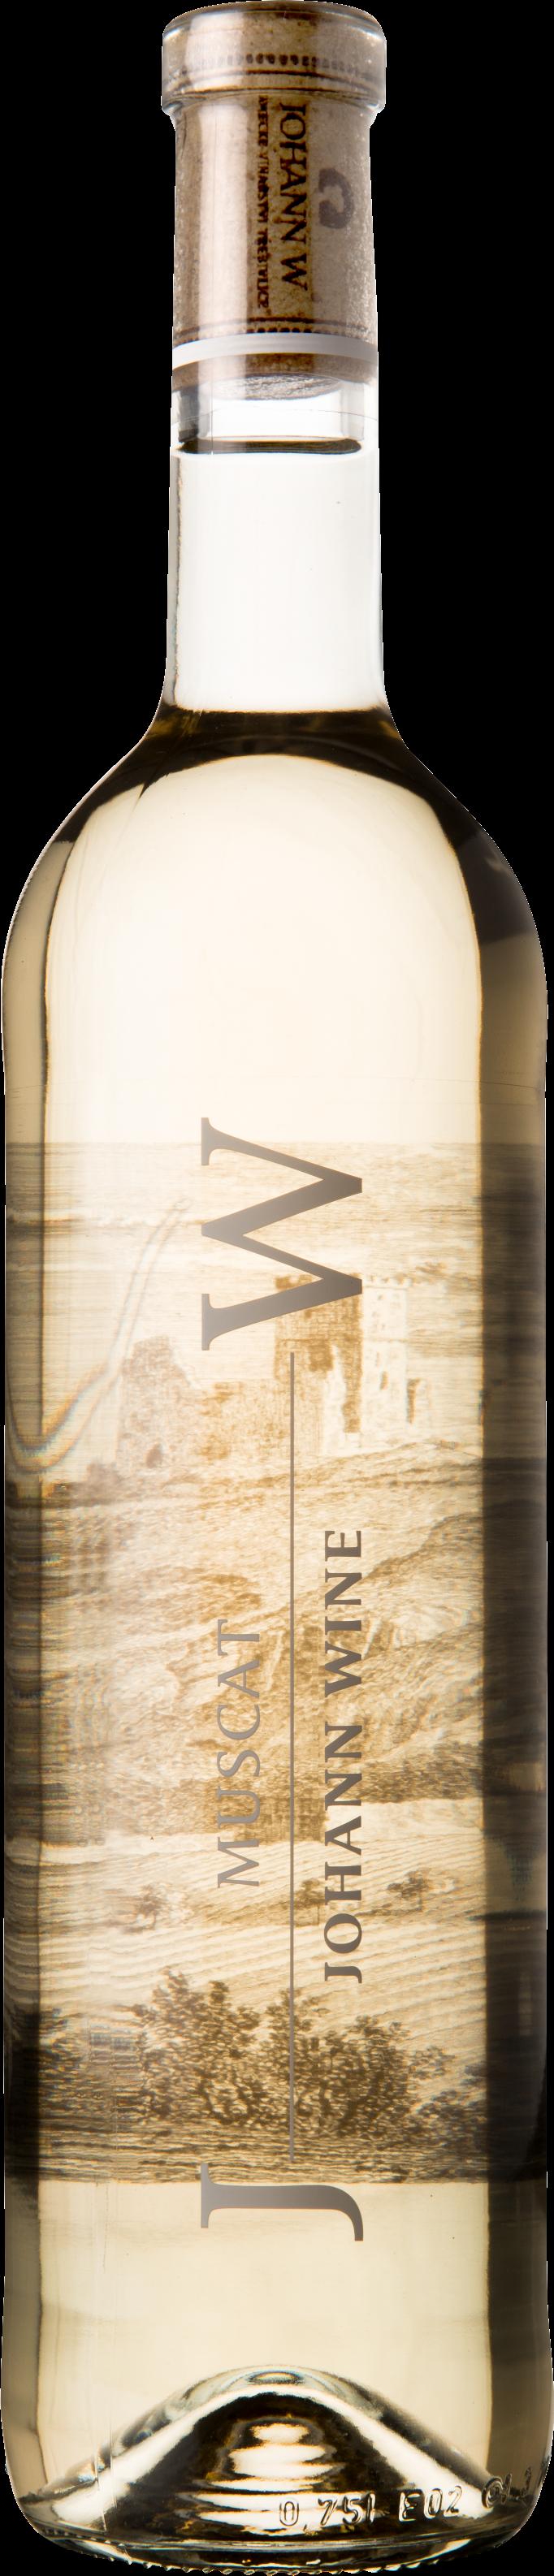 Muscat, zemské, suché, Vinařství Johann W - Třebívlice